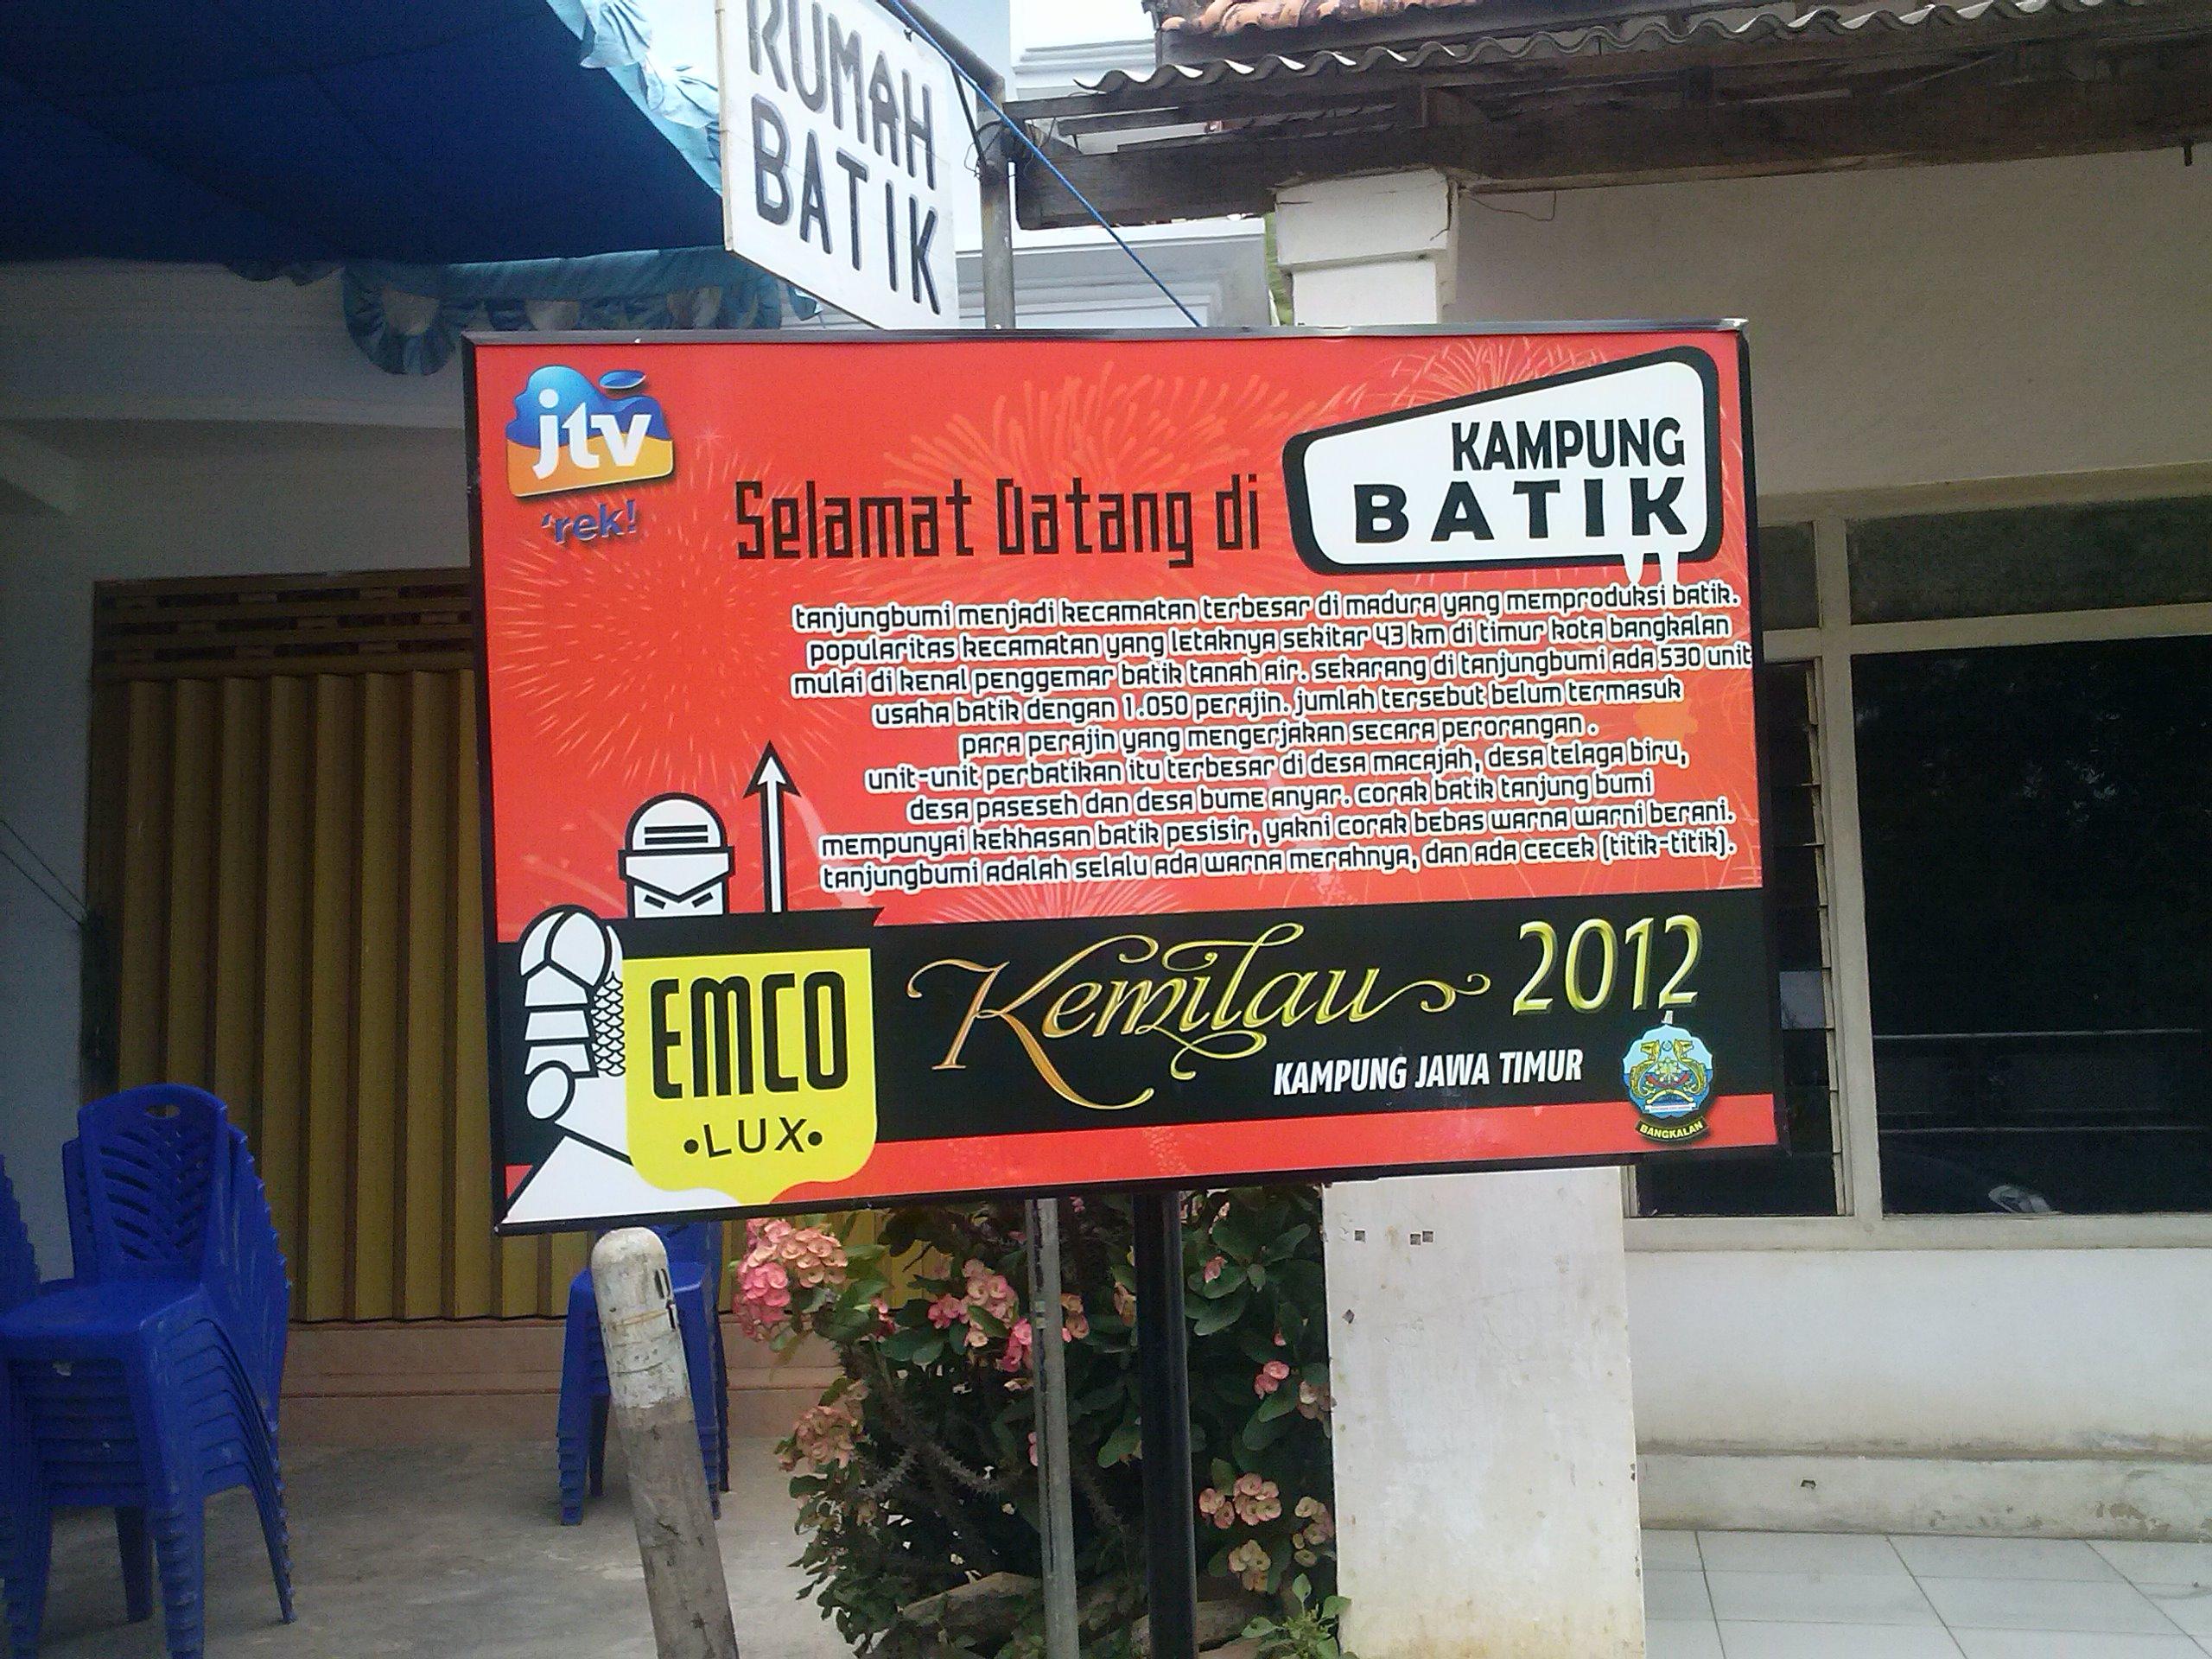 Berburu Batik Madura Odyssey Kampung 2 1 Wisata Rumah Kota